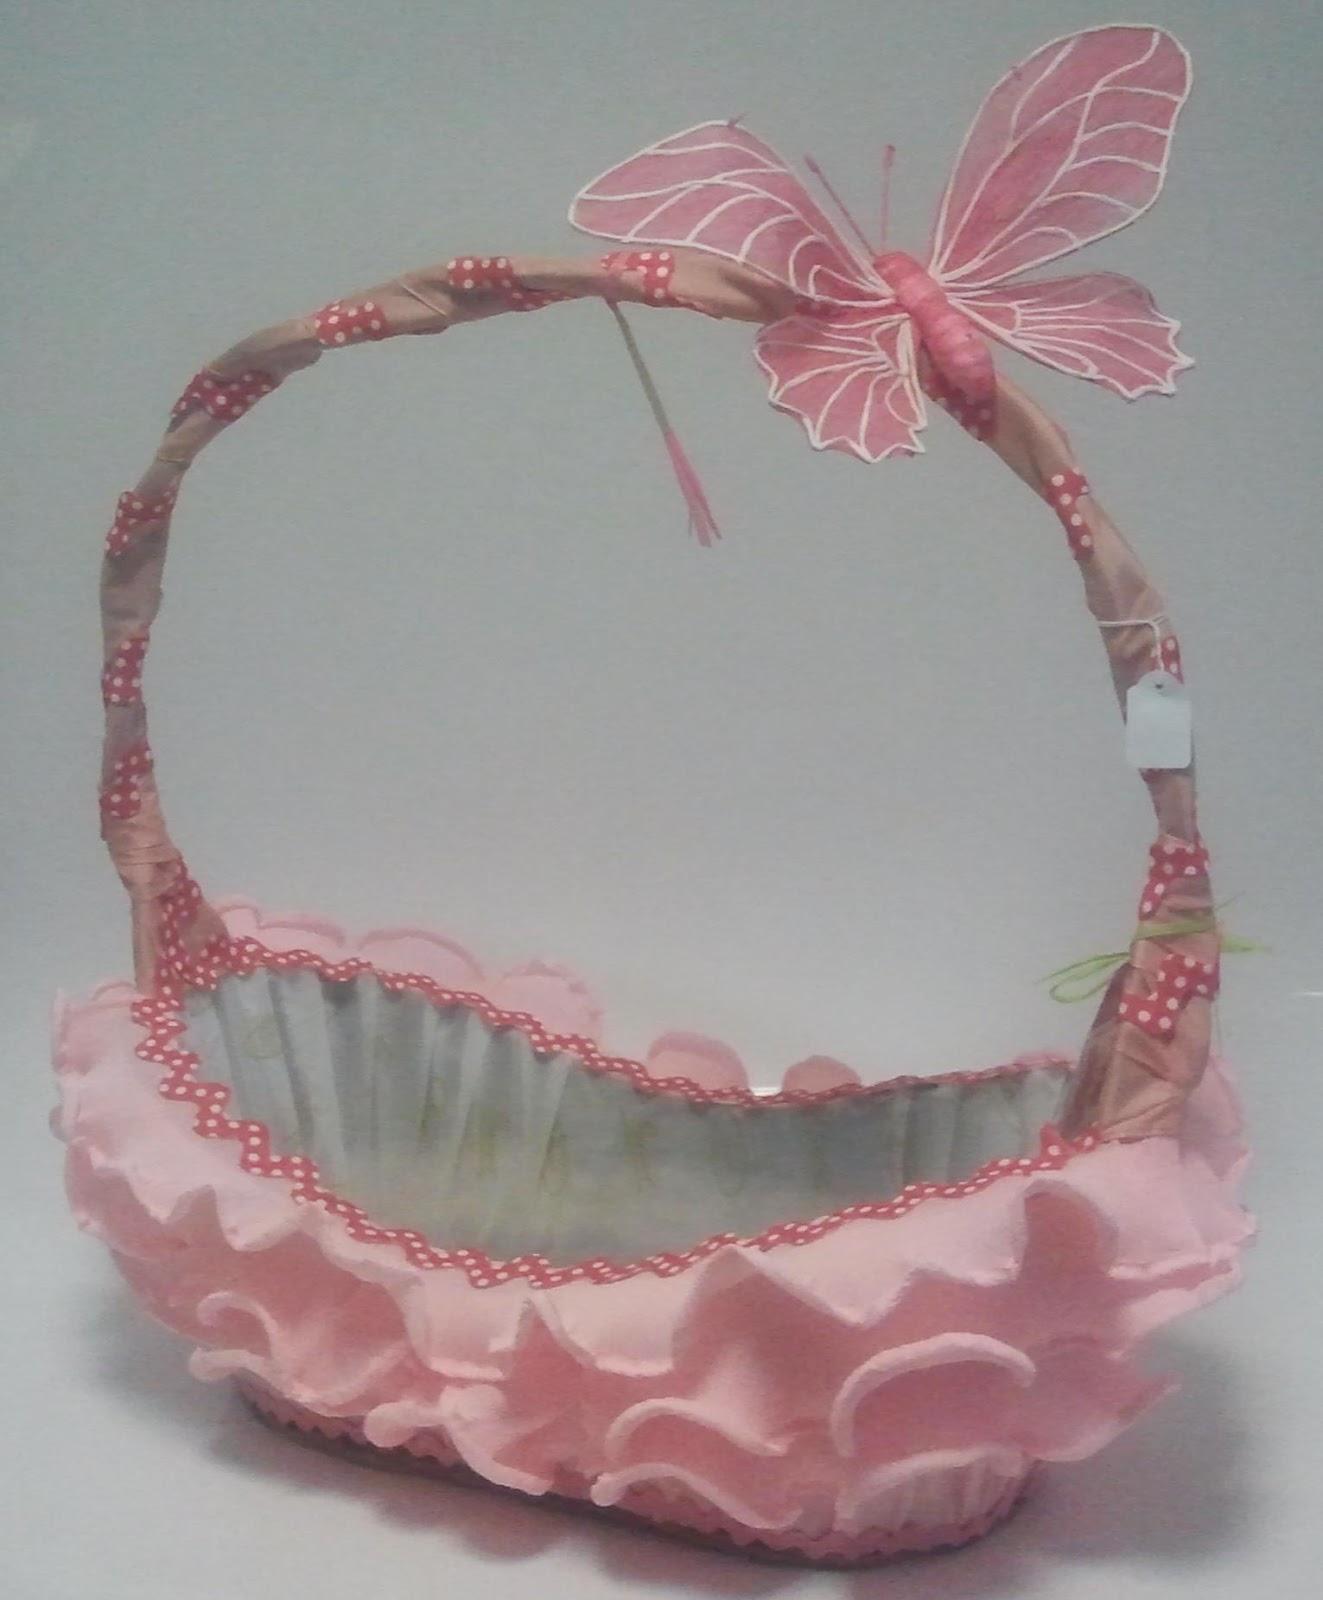 Bodas bautizos y comuniones cestas de regalo cestas - Como adornar cestas de mimbre ...